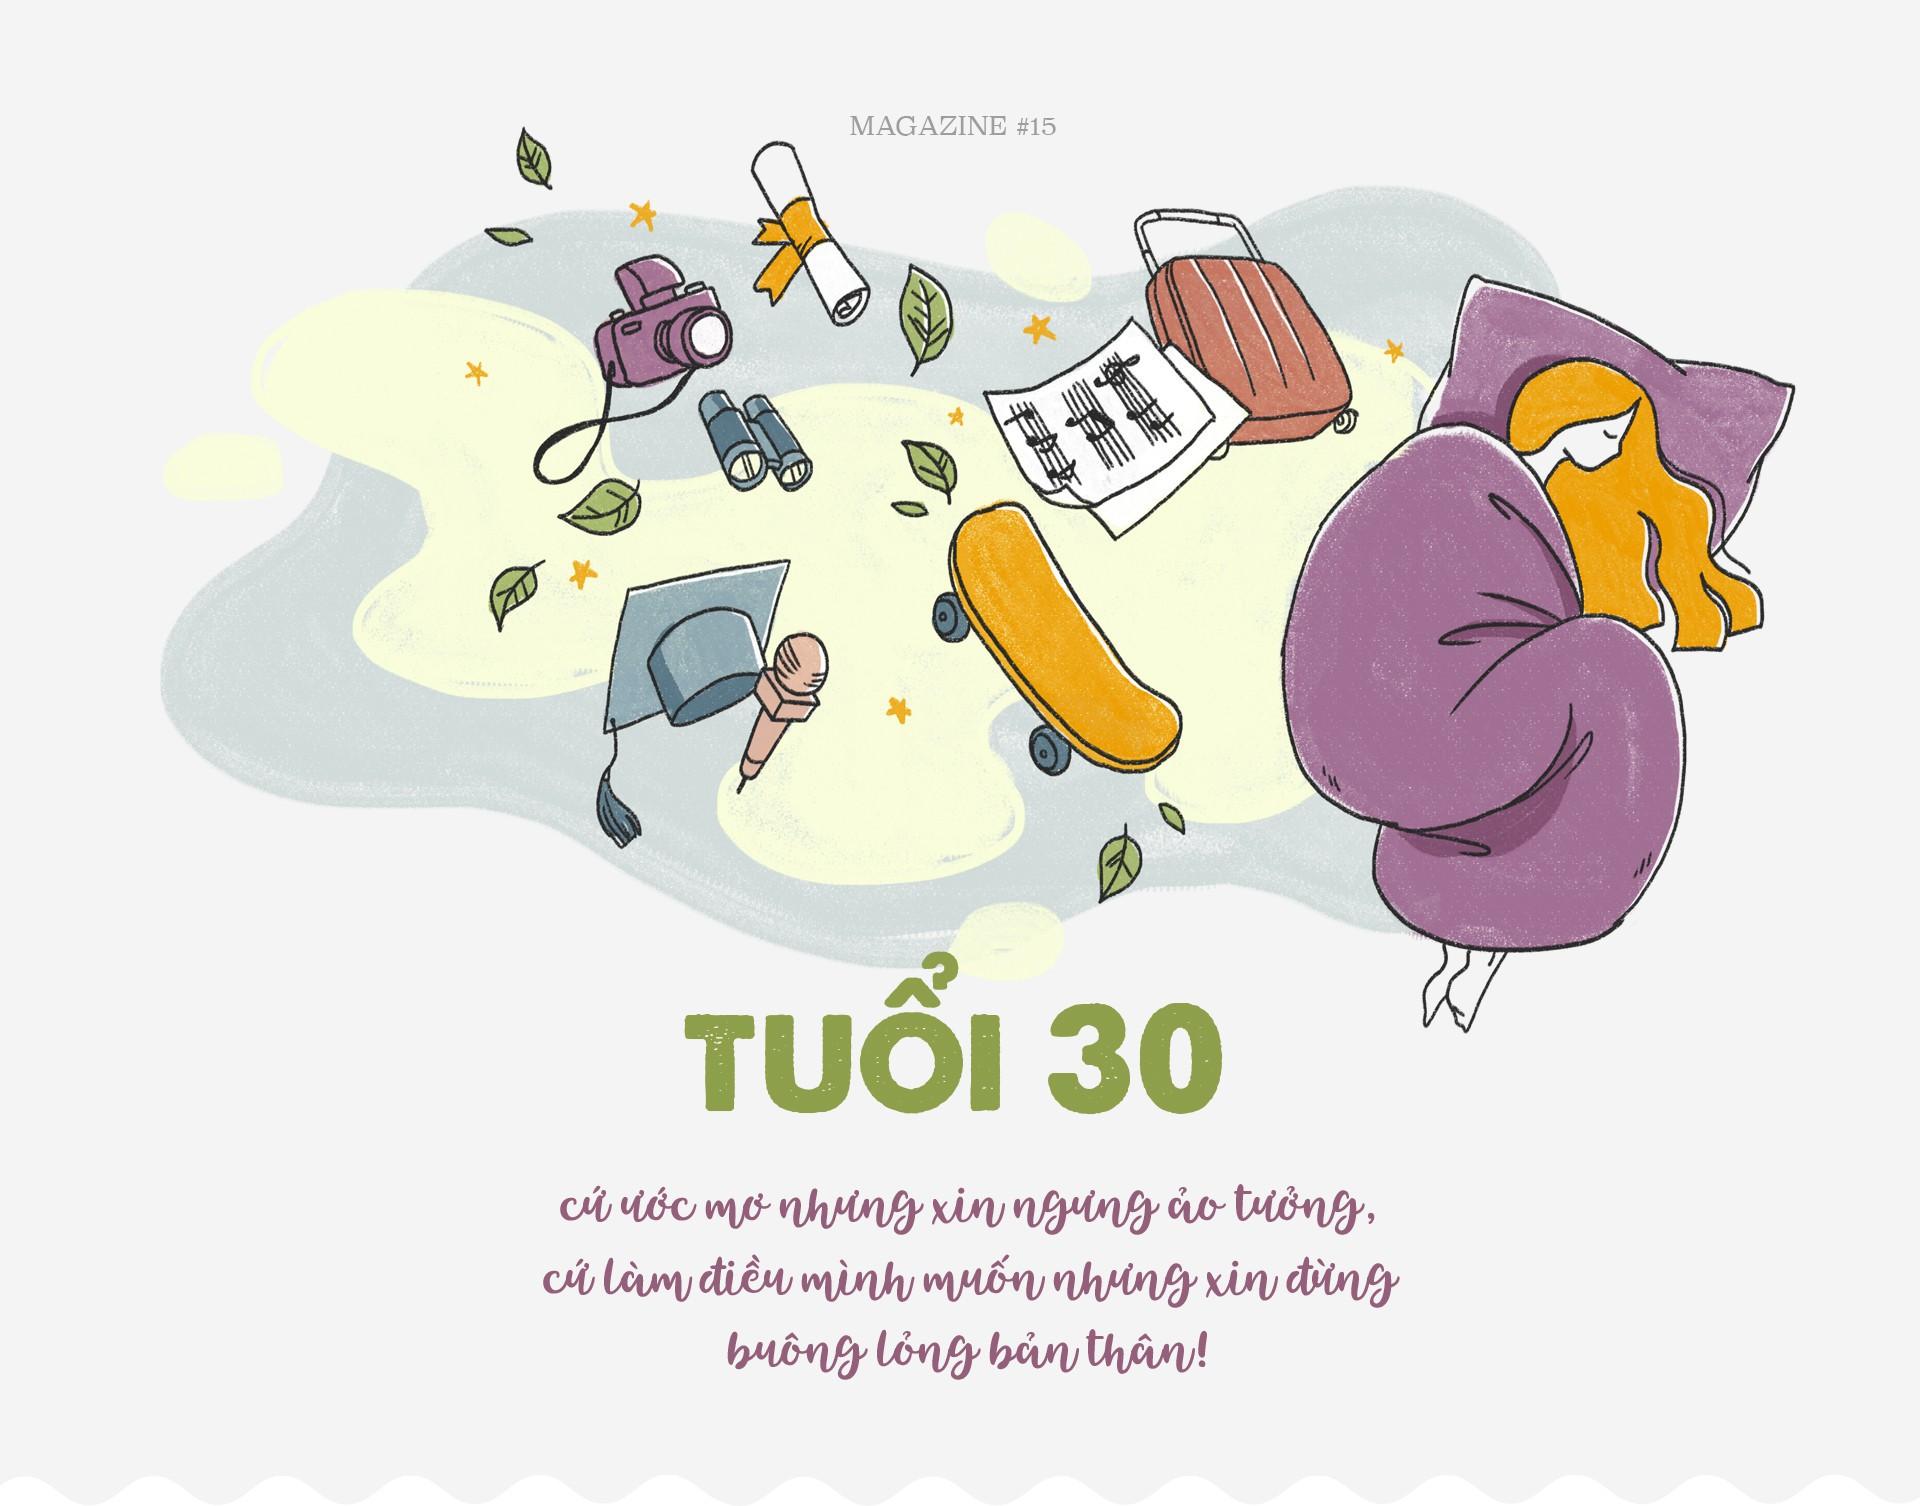 tuoi-30-cu-uoc-mo-nhung-xin-ngung-ao-tuong